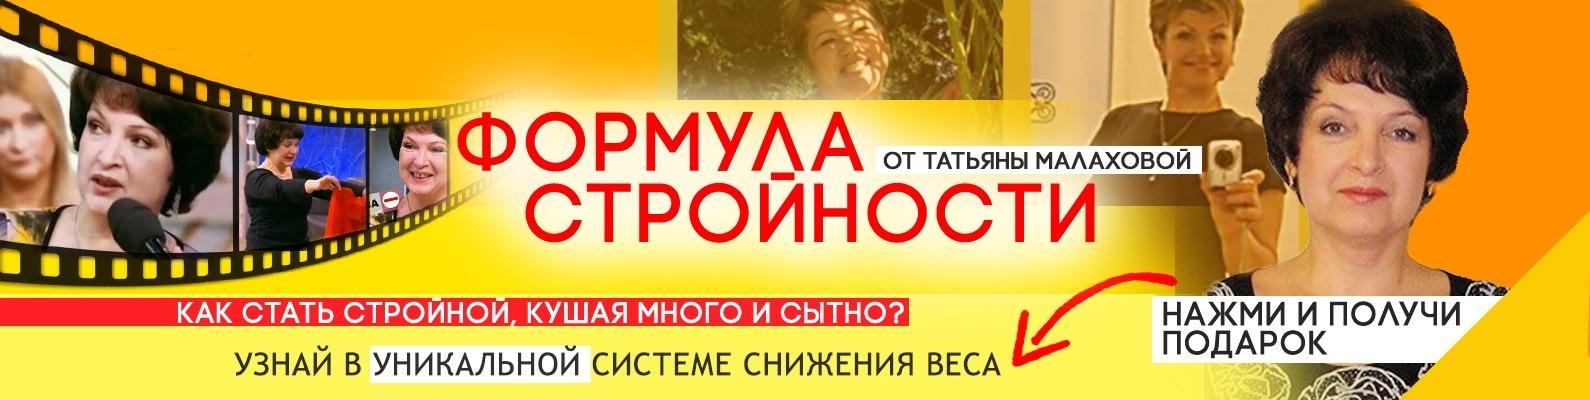 Программа Похудения От Малаховой. Методика похудения Татьяны Малаховой и меню на неделю